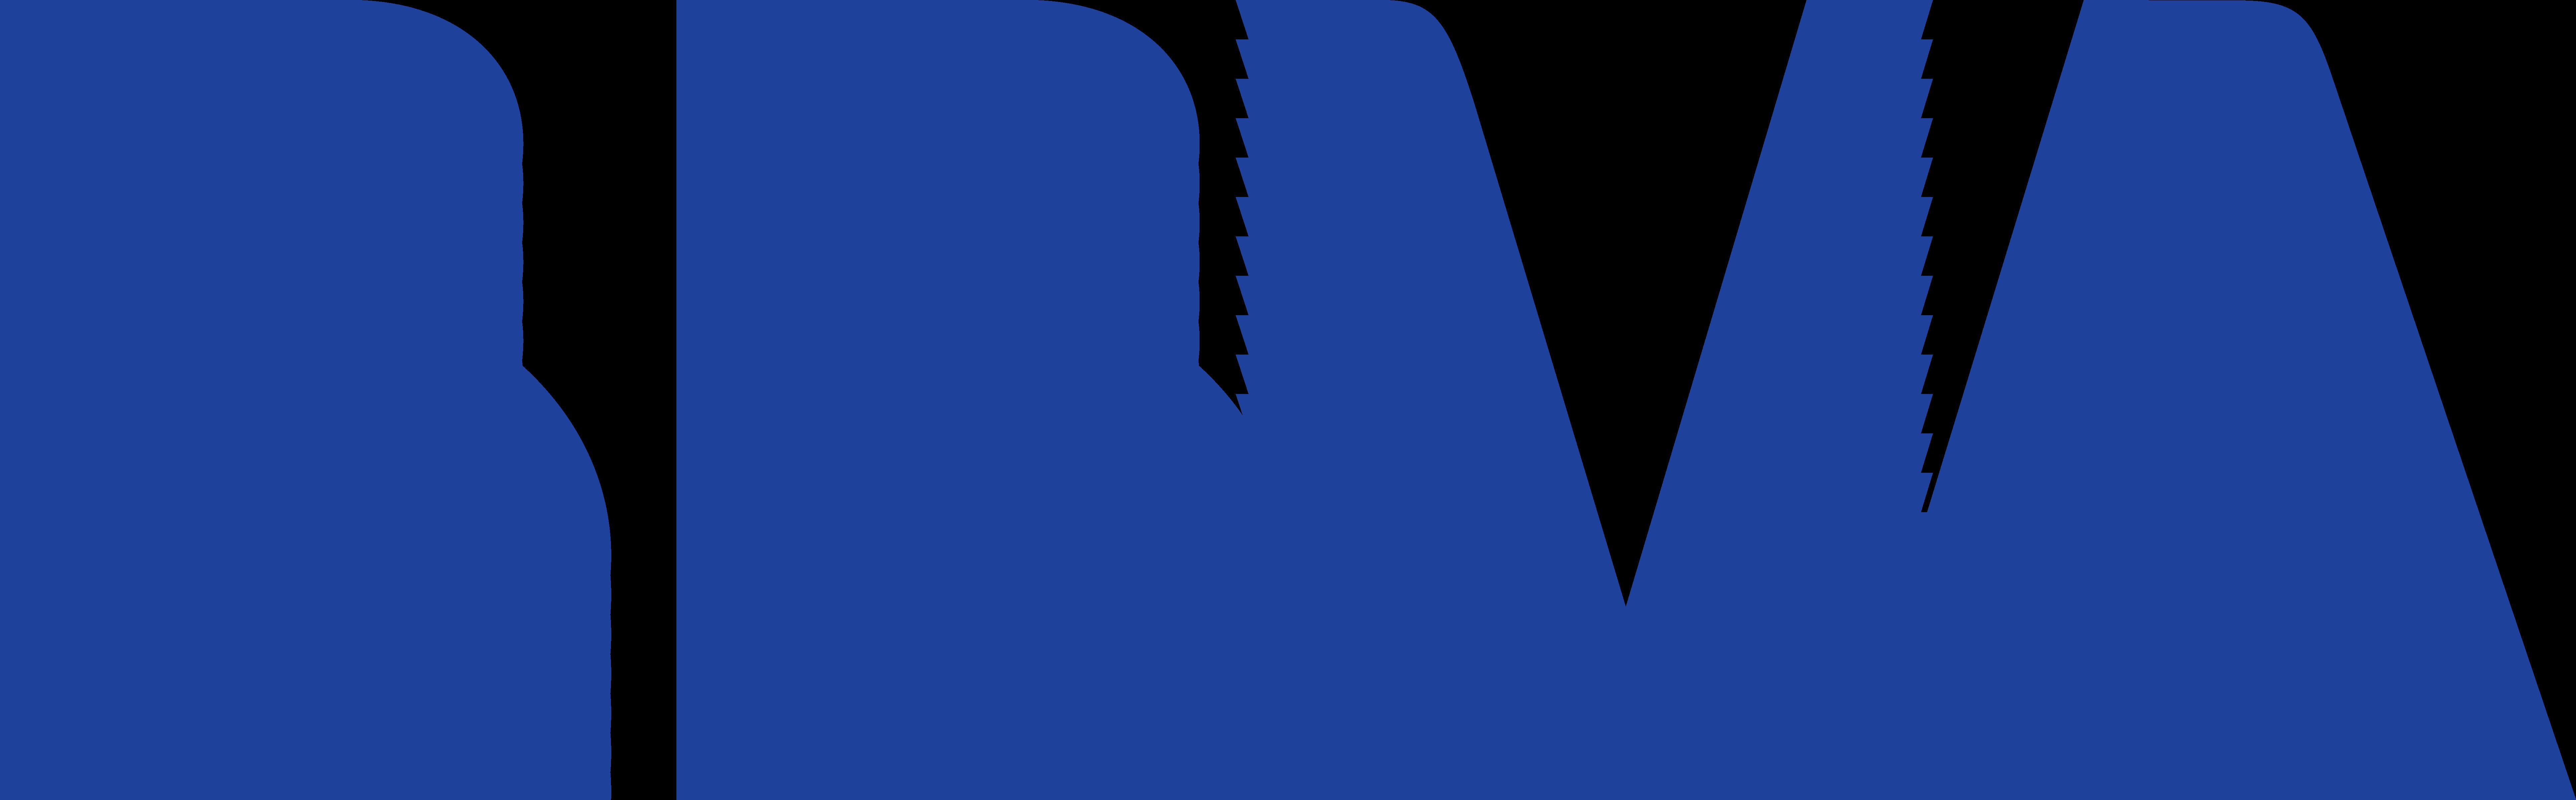 El bbva estudia eliminar las cl usulas suelo de todas sus for Hipoteca suelo bbva